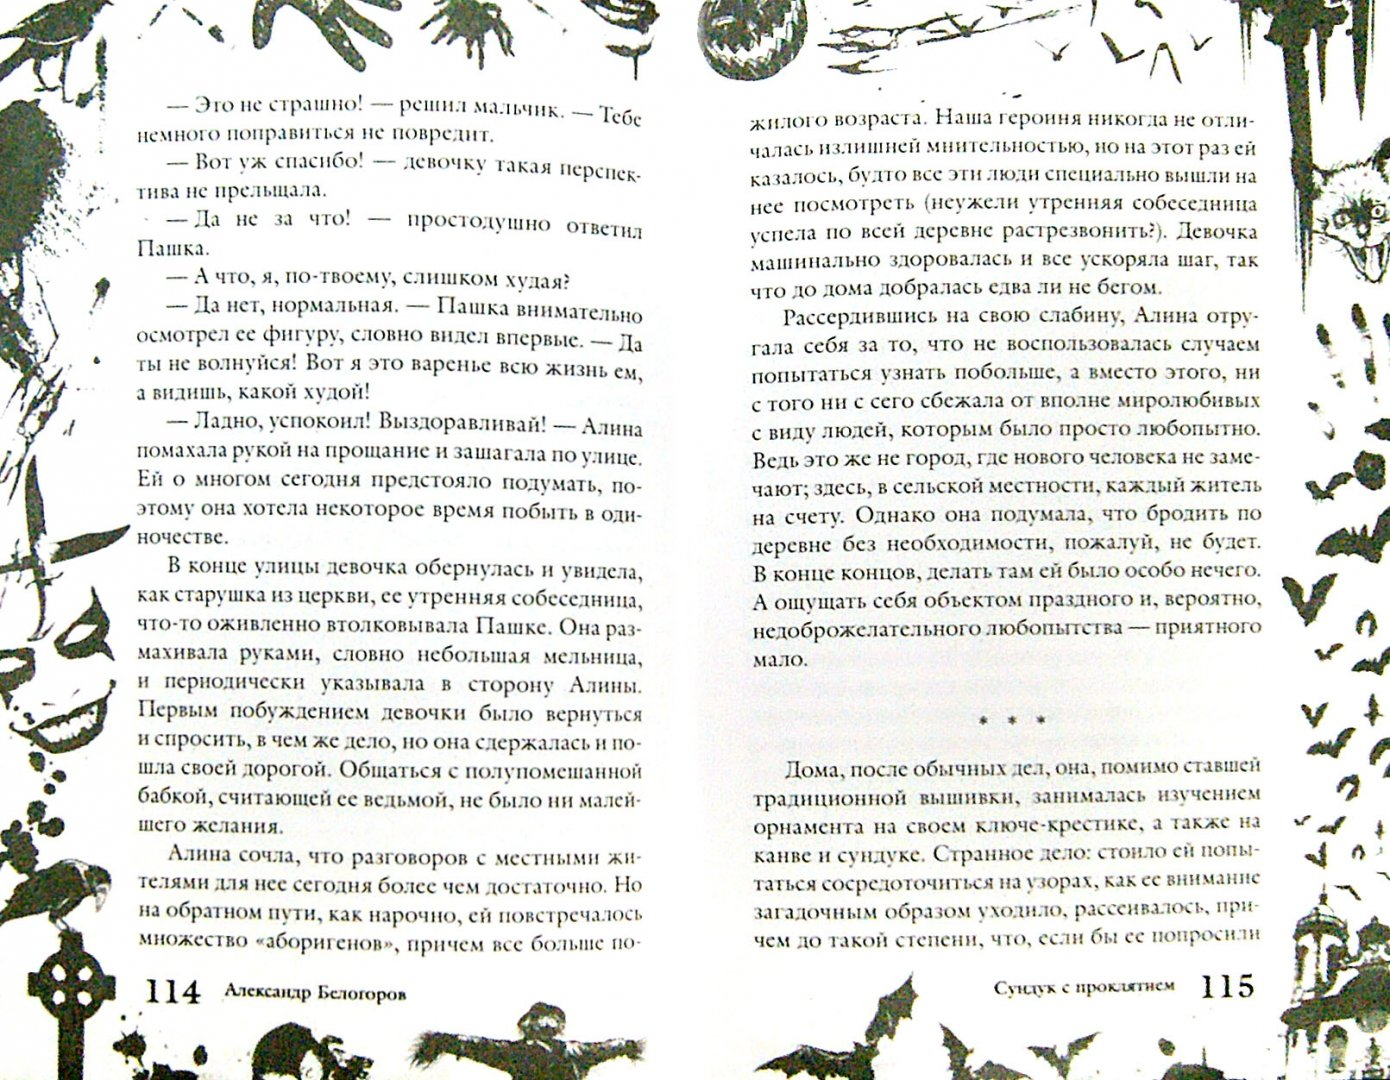 Иллюстрация 1 из 11 для Большая книга ужасов. 59 - Александр Белогоров   Лабиринт - книги. Источник: Лабиринт